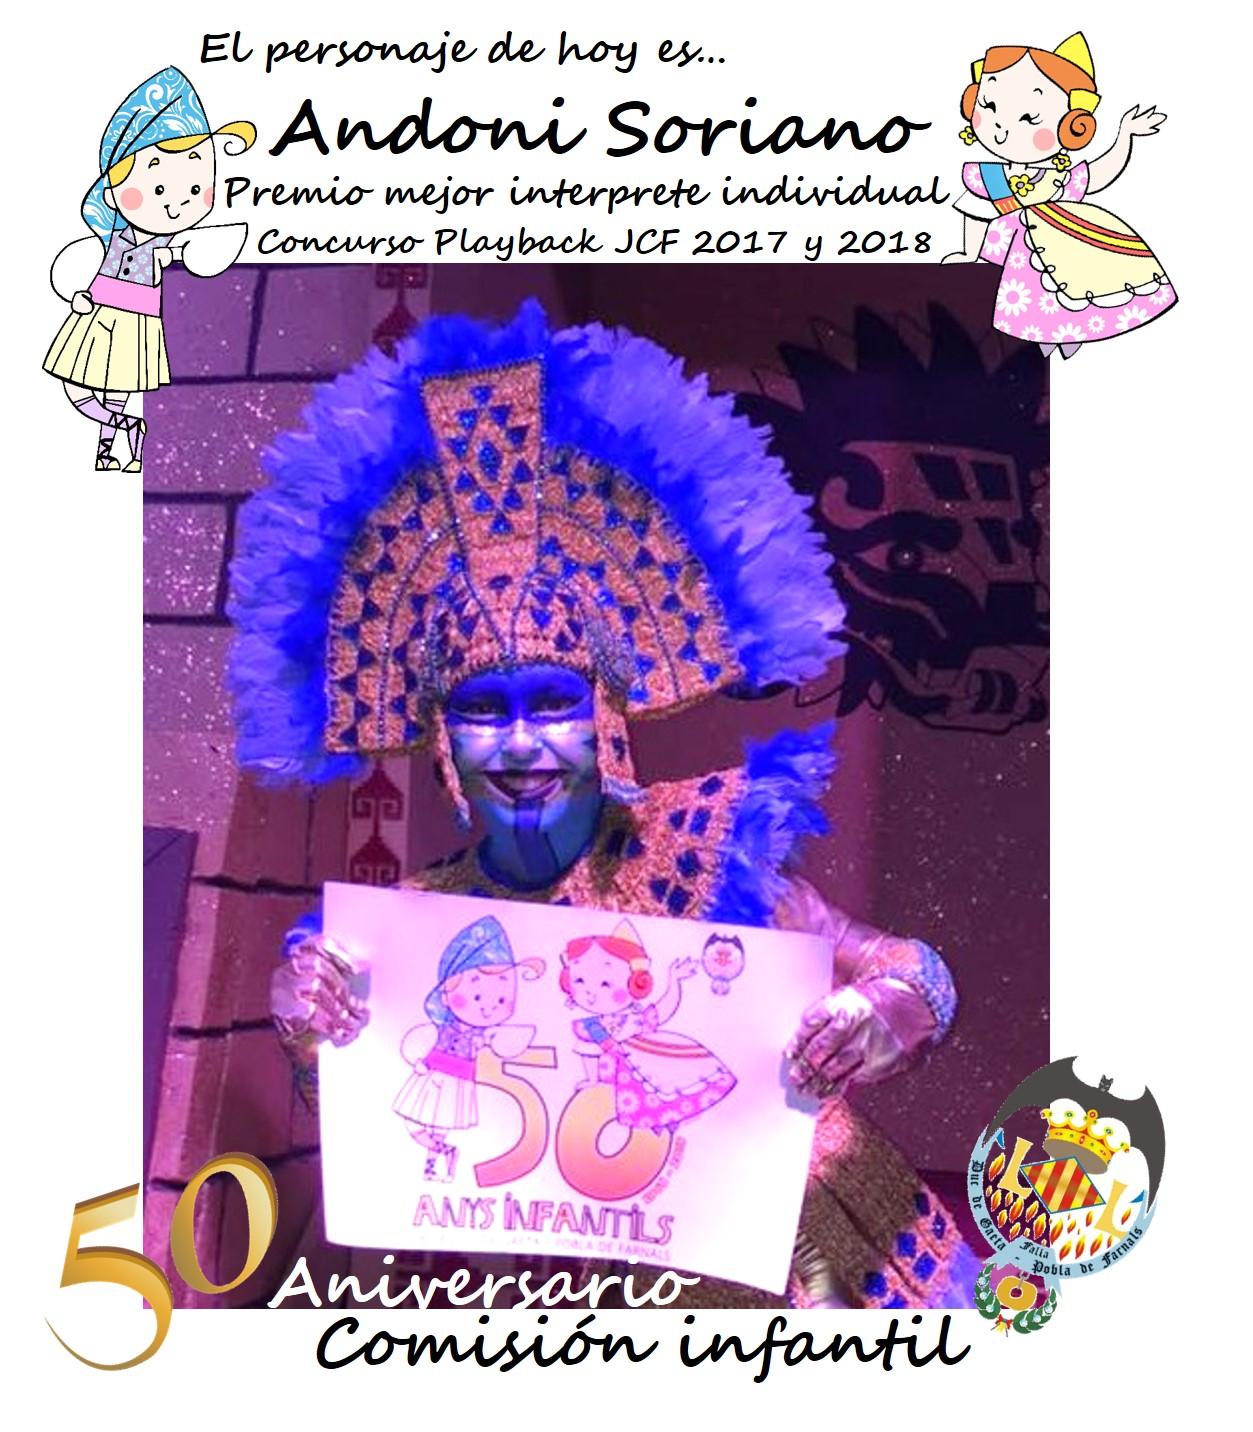 Personaje del día: Andoni Soriano Vidal